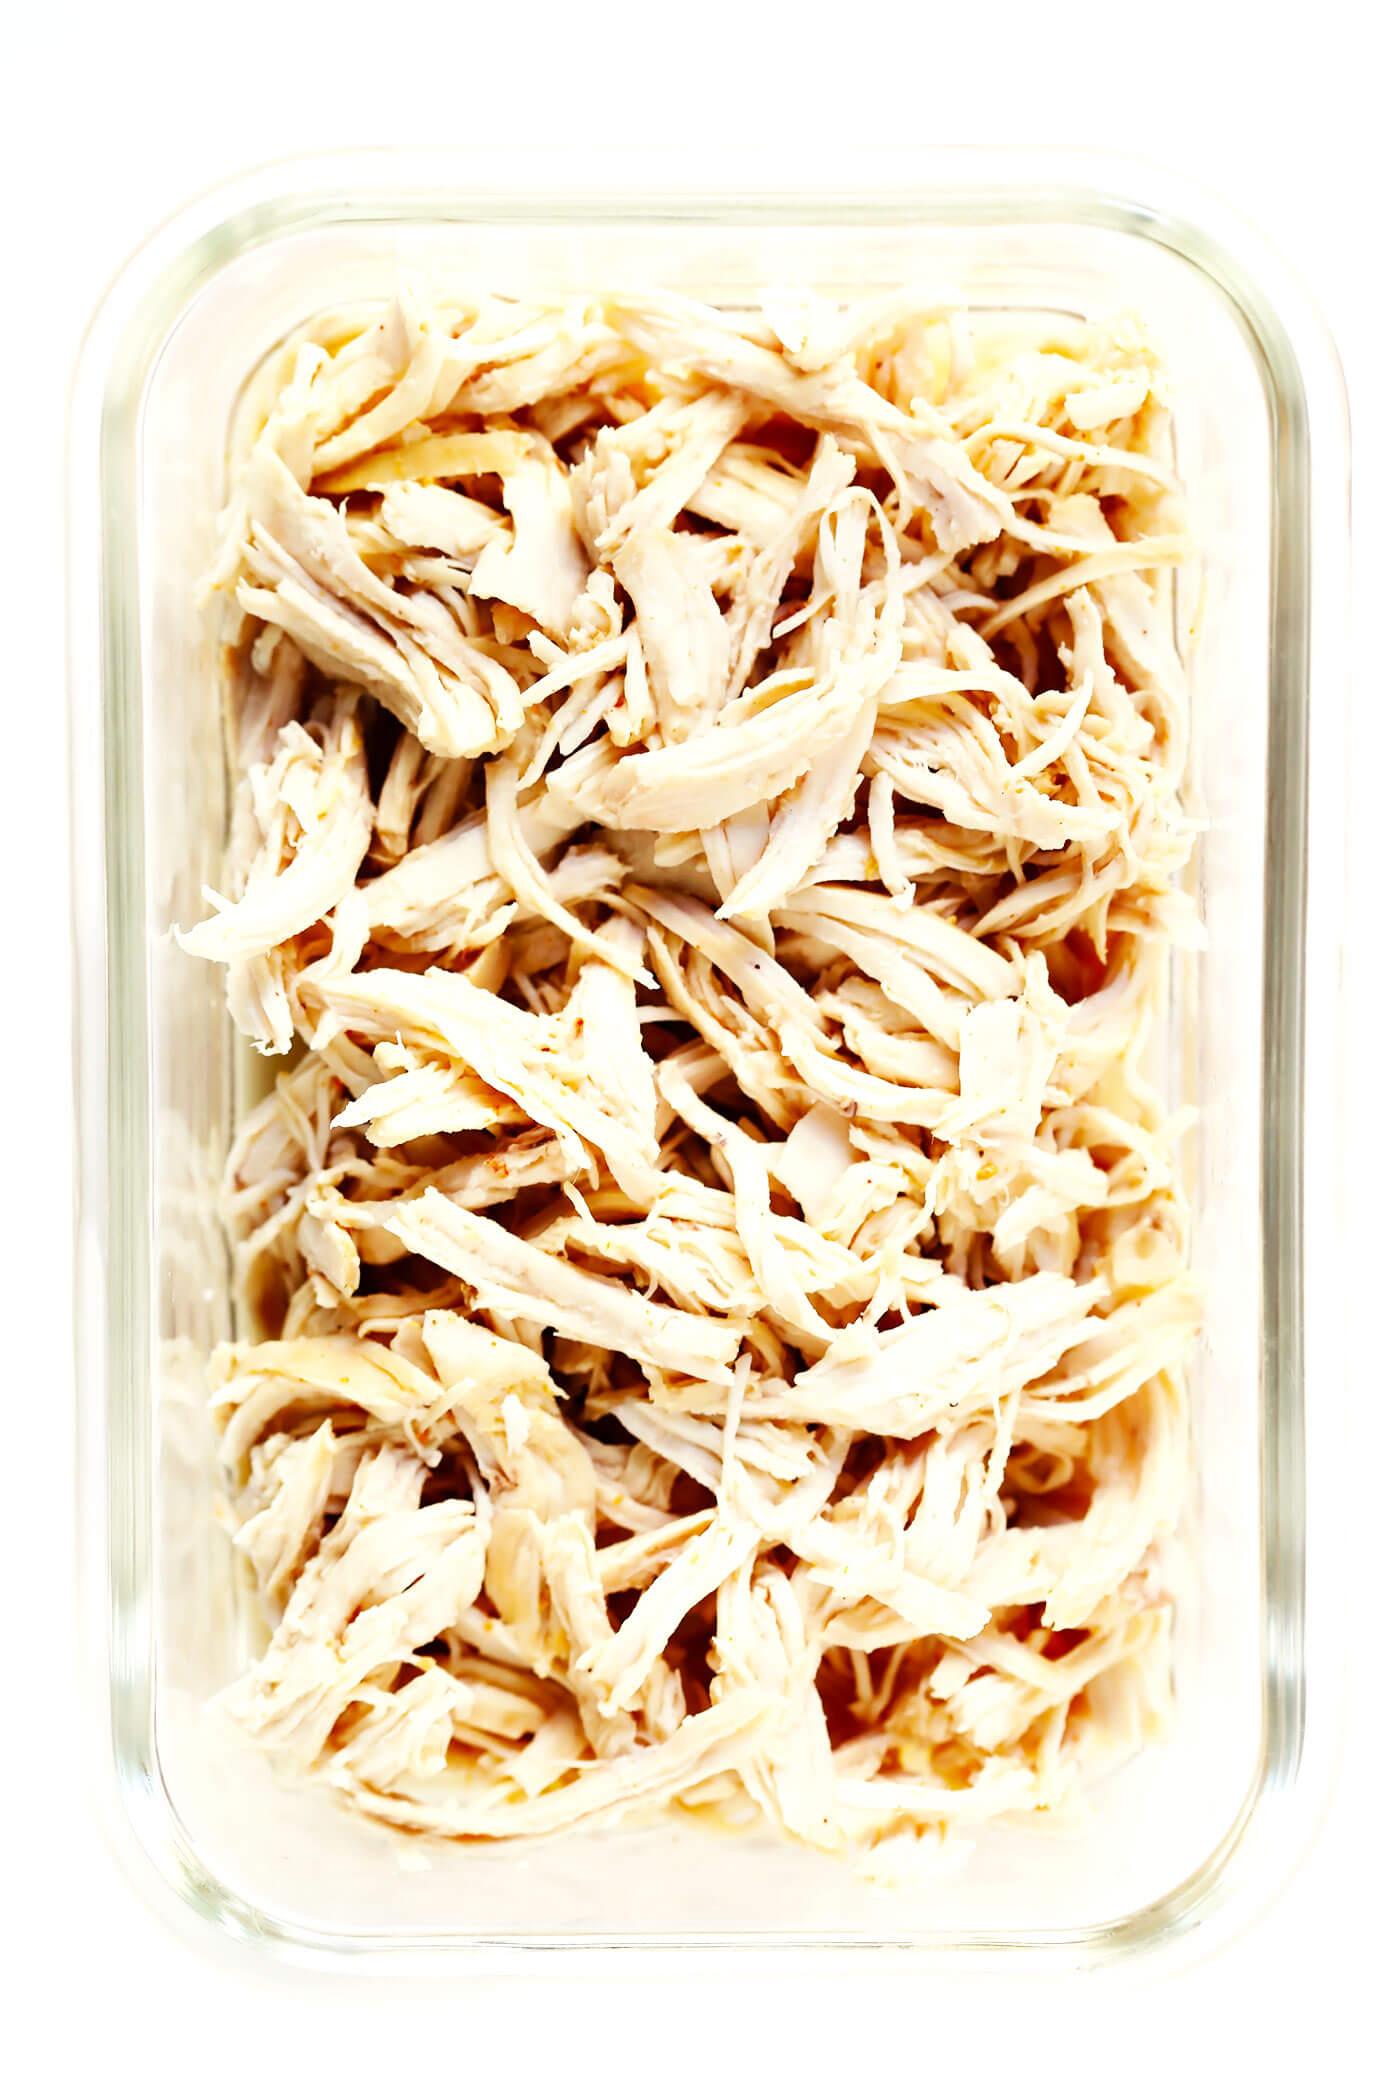 Instant Pot Shredded Chicken for Meal Prep